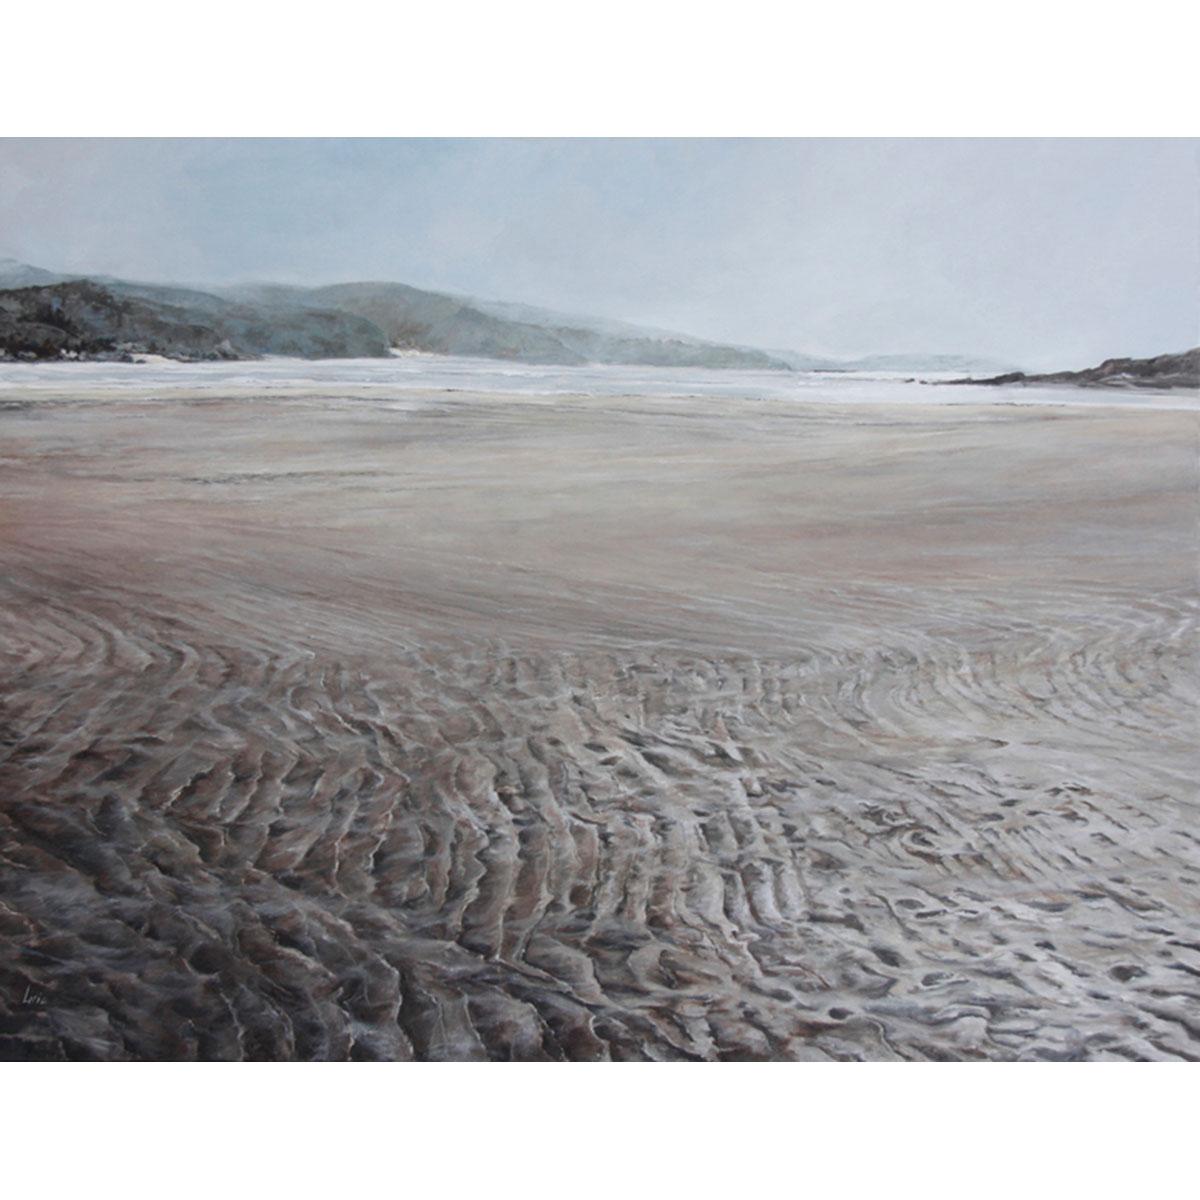 NURIA LIRIA - Marea baja. Óleo sobre lienzo. 100x130cm.